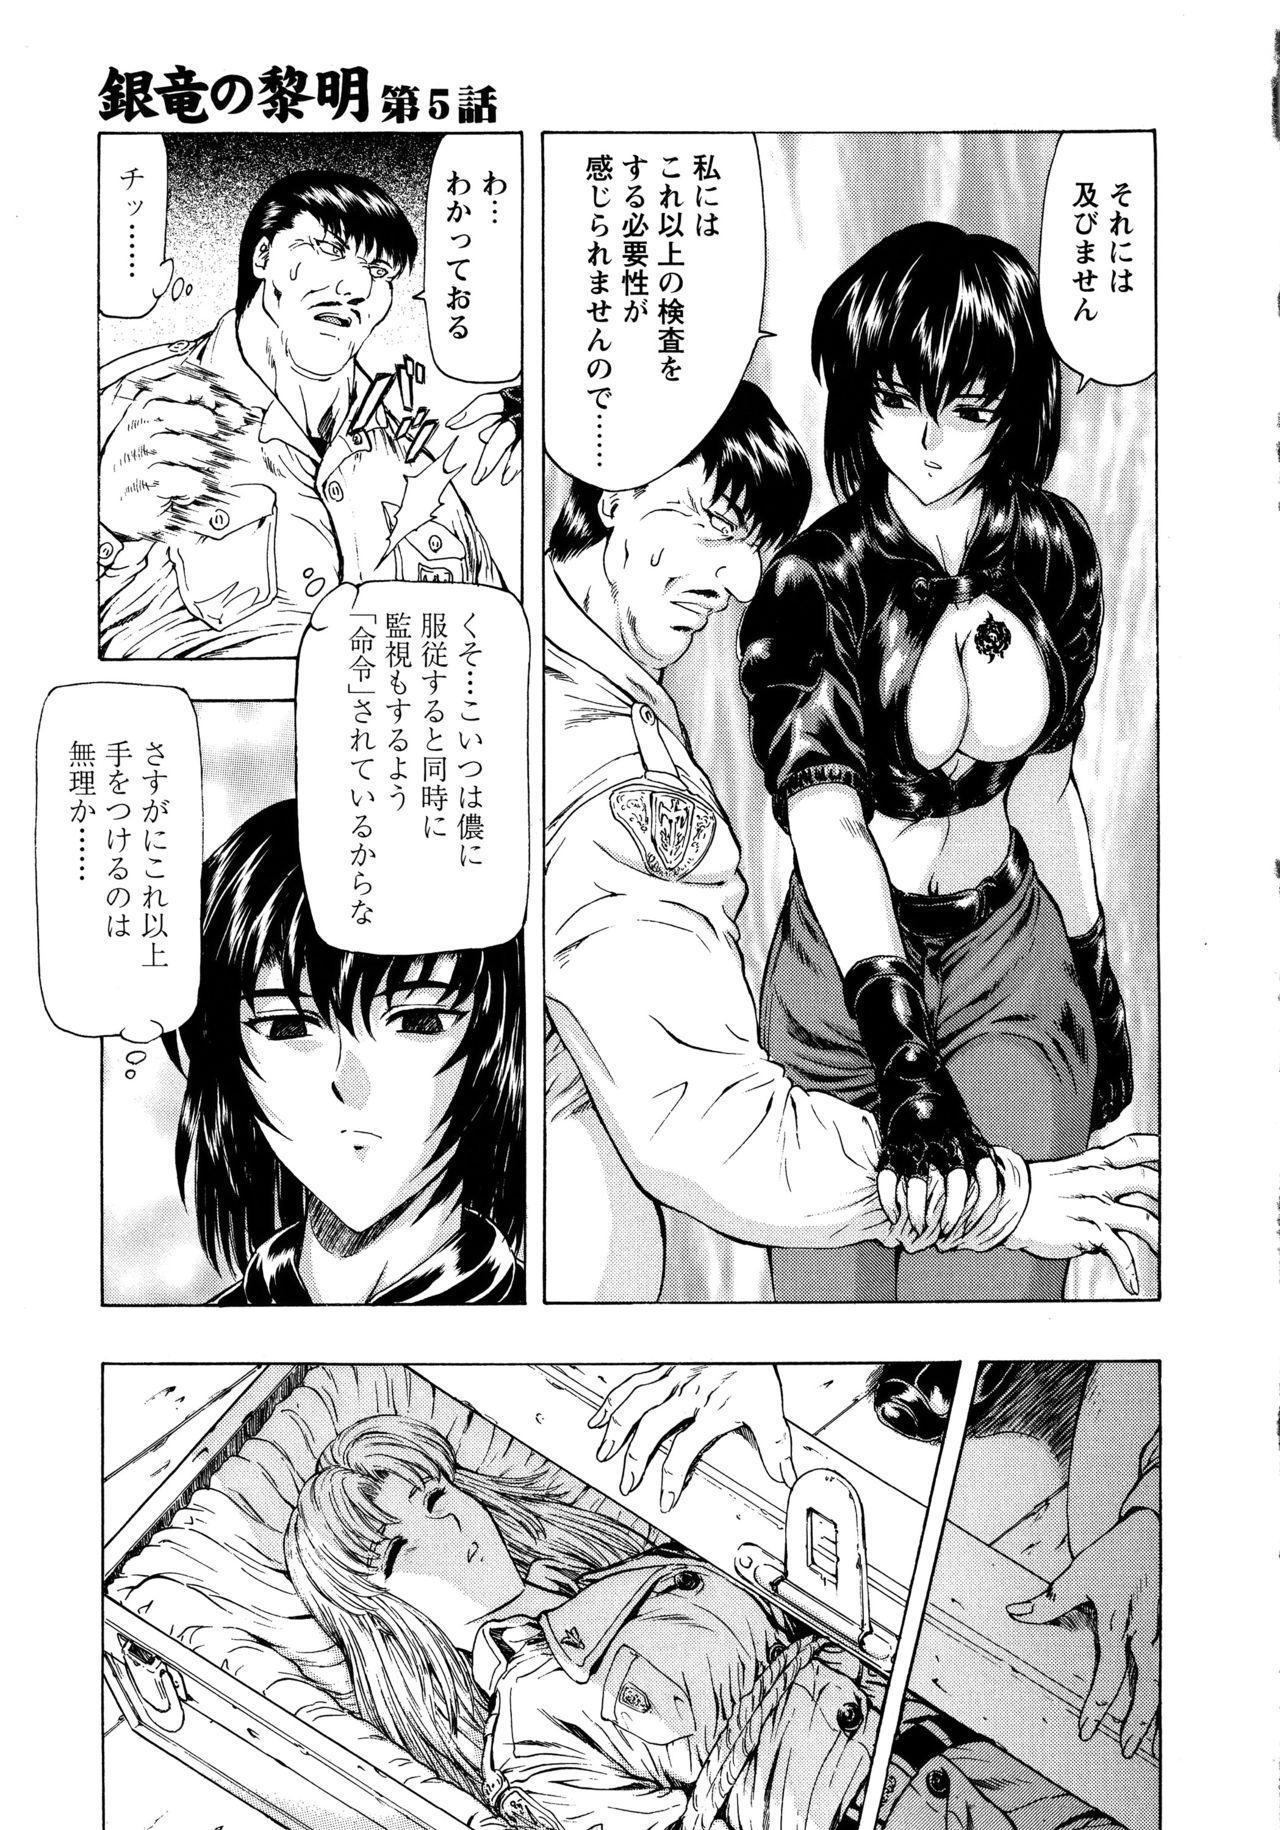 Ginryuu no Reimei Vol. 1 112